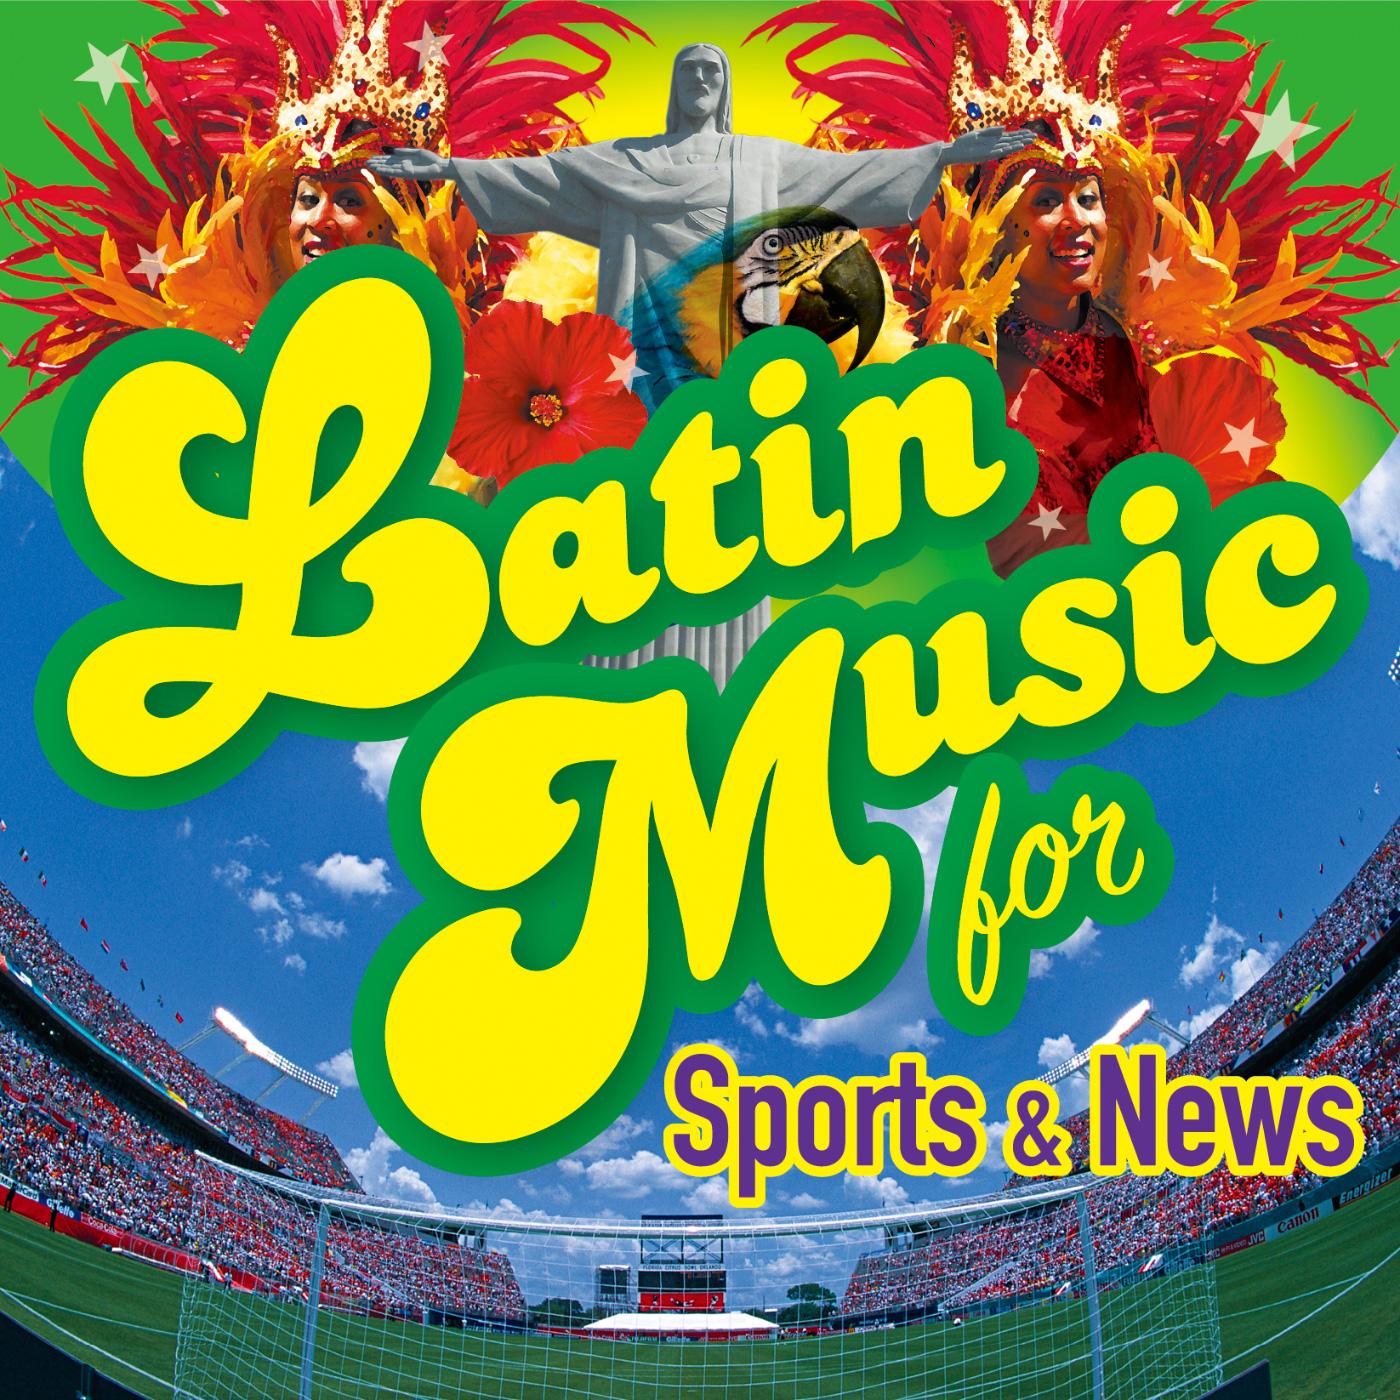 ラテンミュージック for スポーツ & ニュース